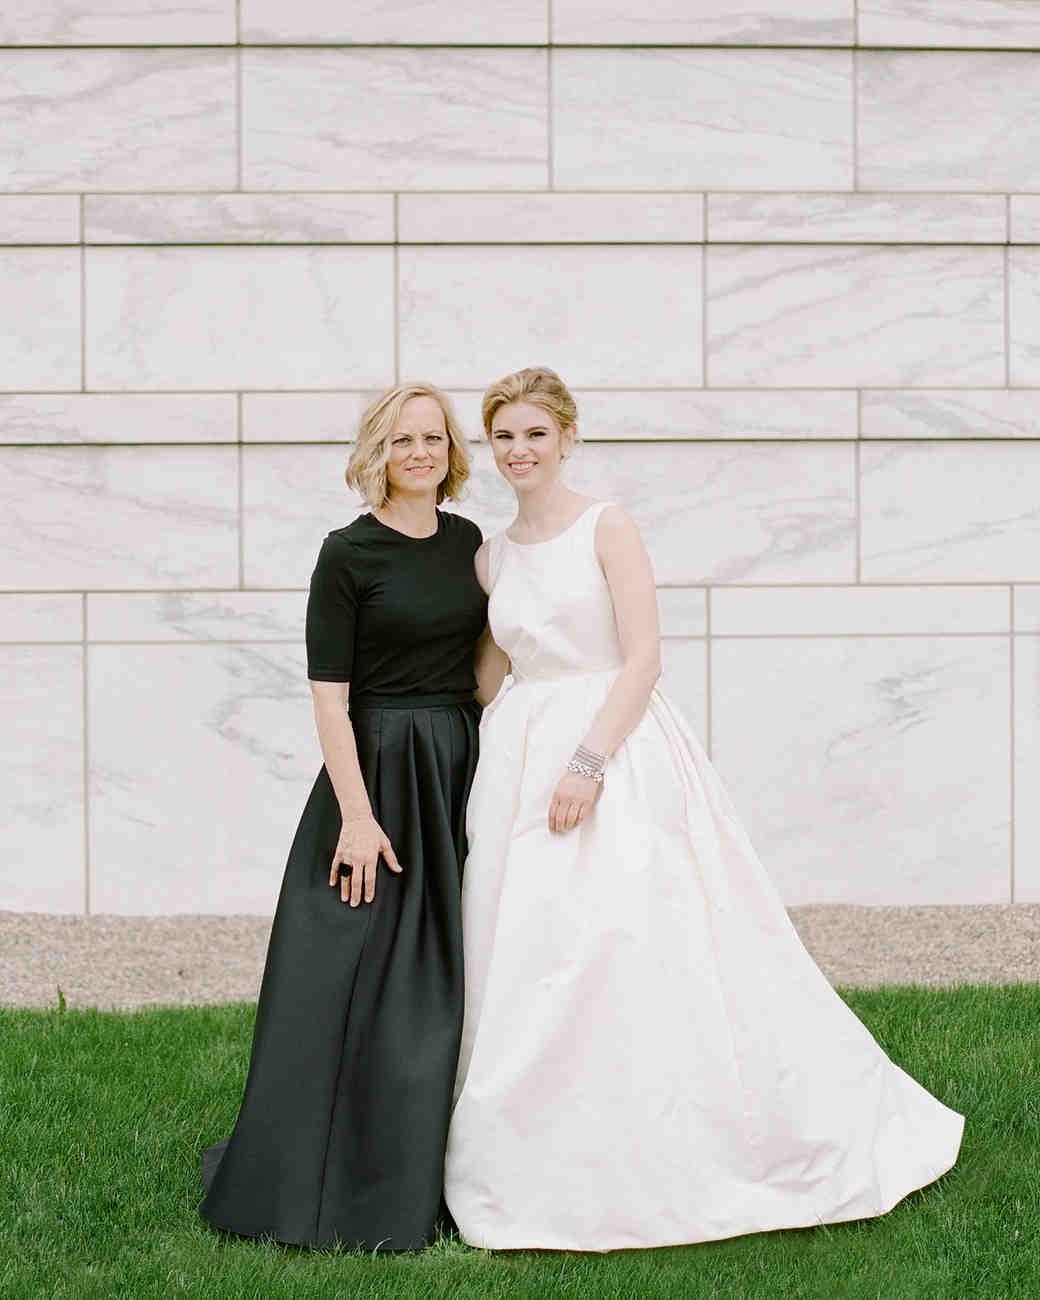 emily-max-wedding-michigan-337-s112396.jpg